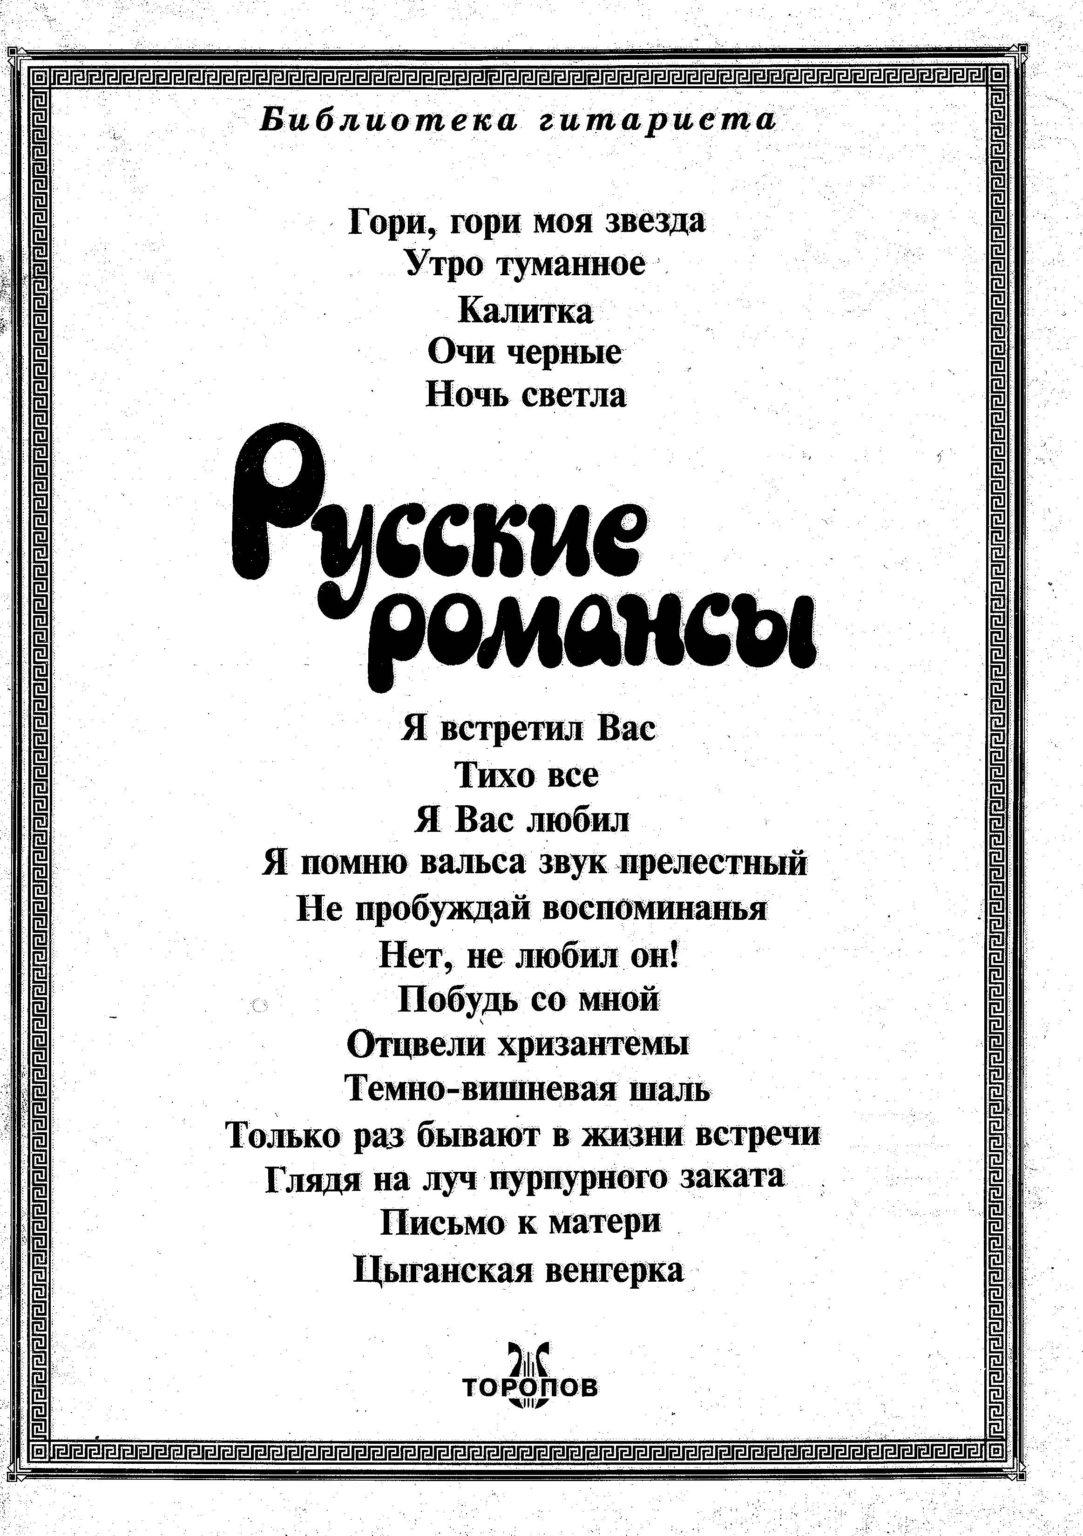 Библиотека гитариста Русские романсы. - Библиотека гитариста